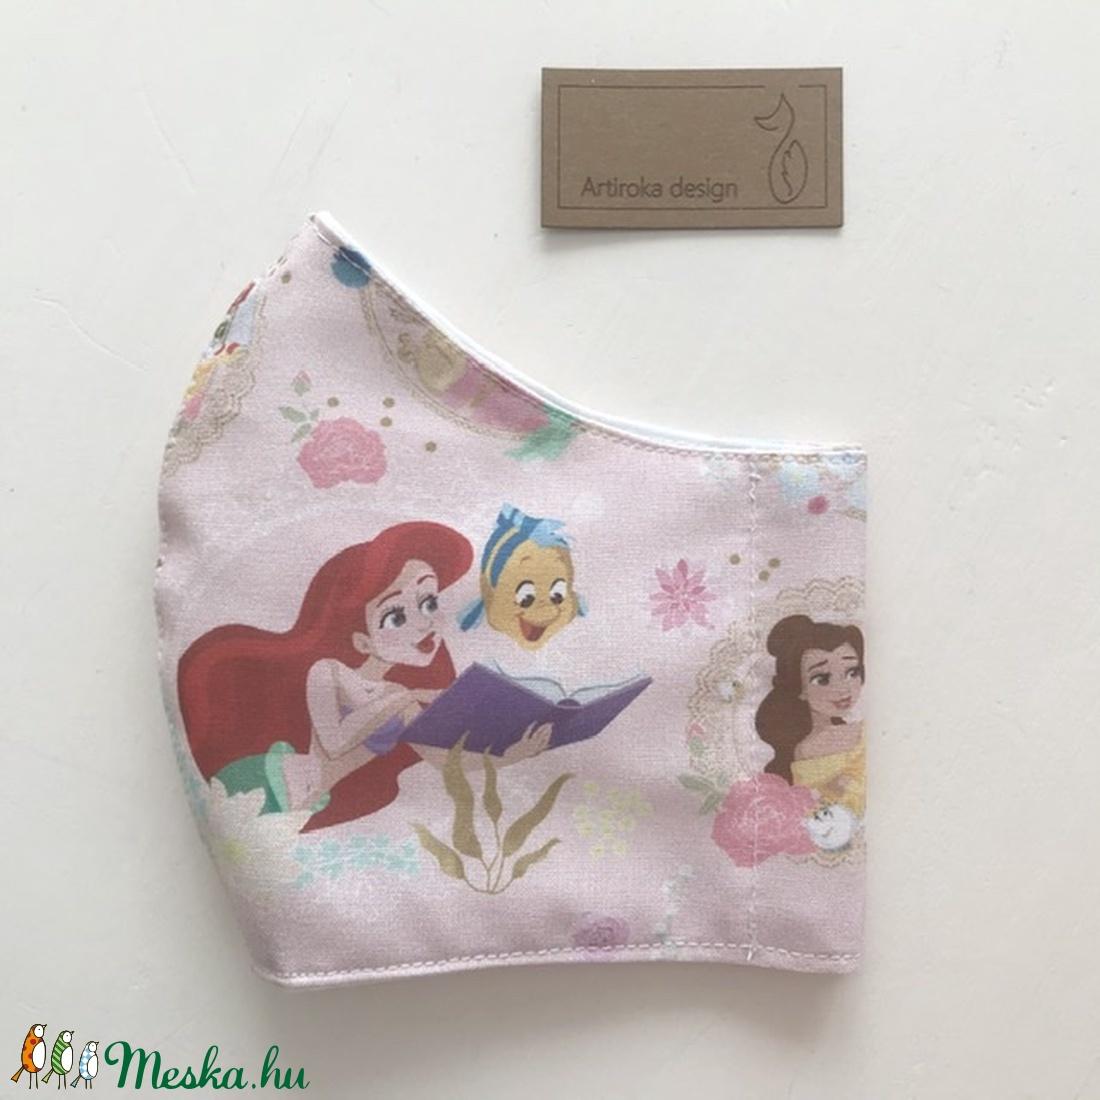 Arielle a kis hableány és Hercegnő  mintás prémium arcmaszk, szájmaszk, maszk - Artiroka design - maszk, arcmaszk - gyerek - Meska.hu